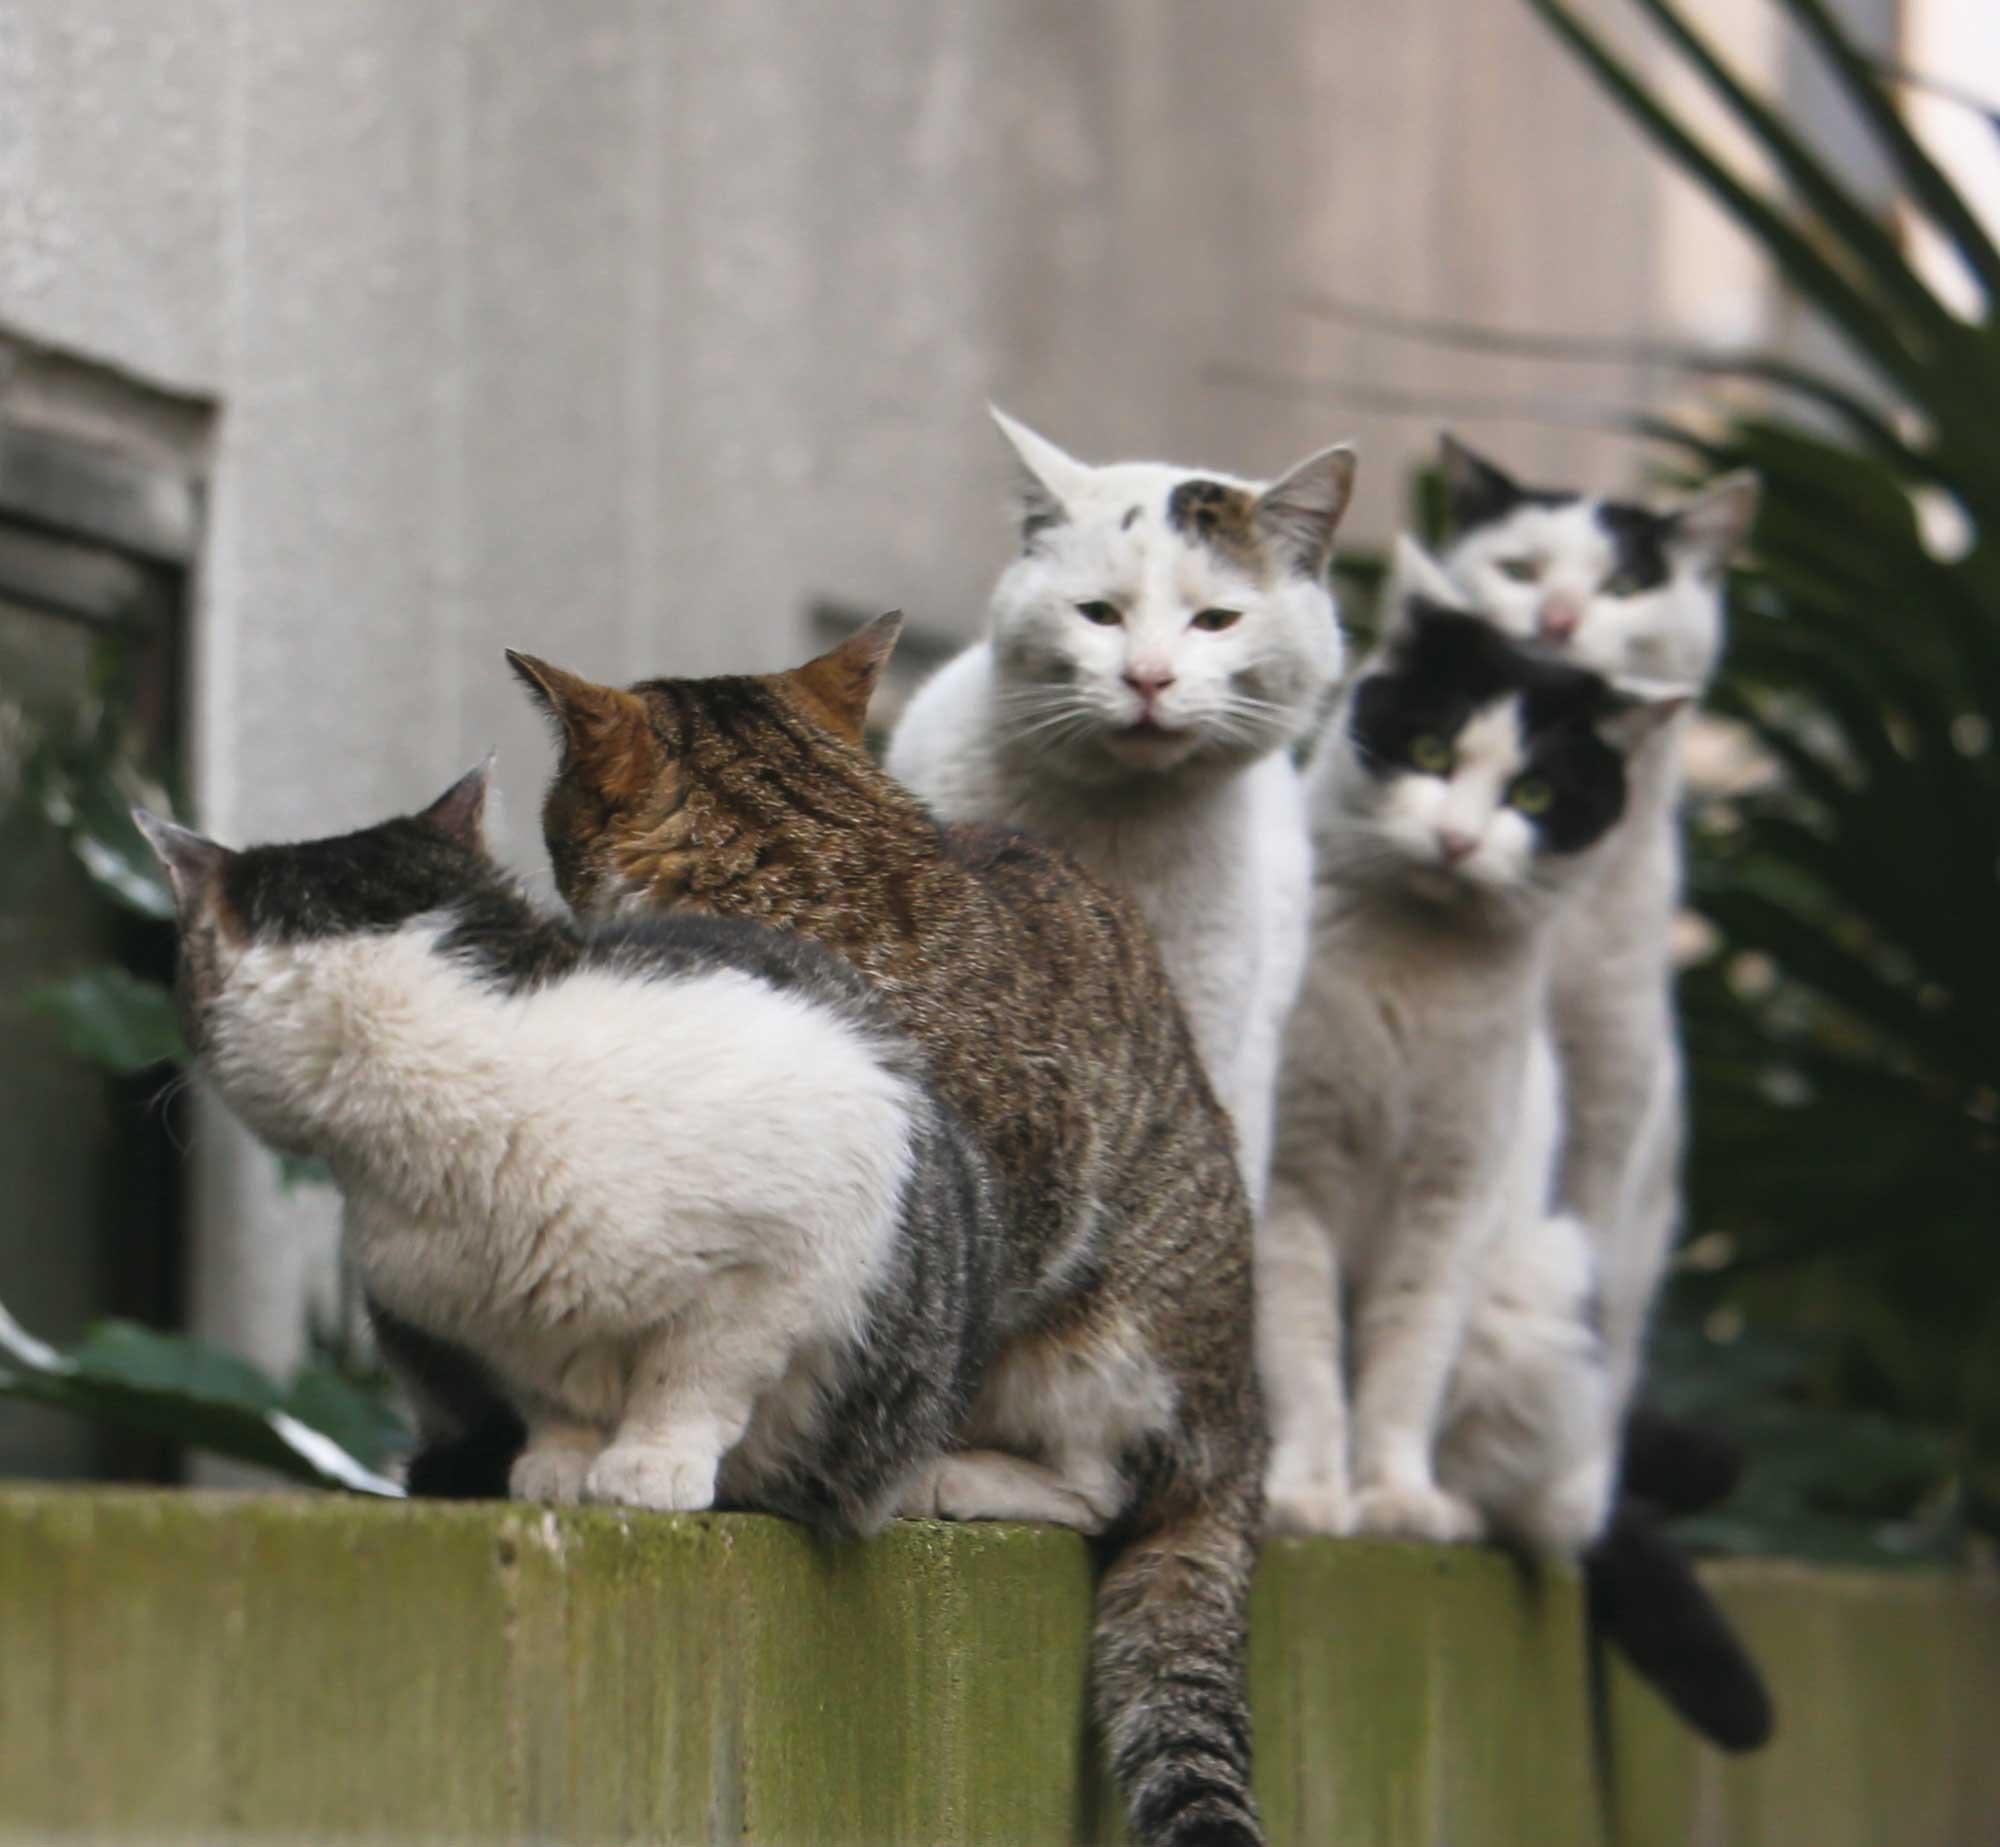 """沖さんの代表カット""""ねこザイル""""。 <br> 手前の2匹が後ろに何かを伝えようとしている?"""